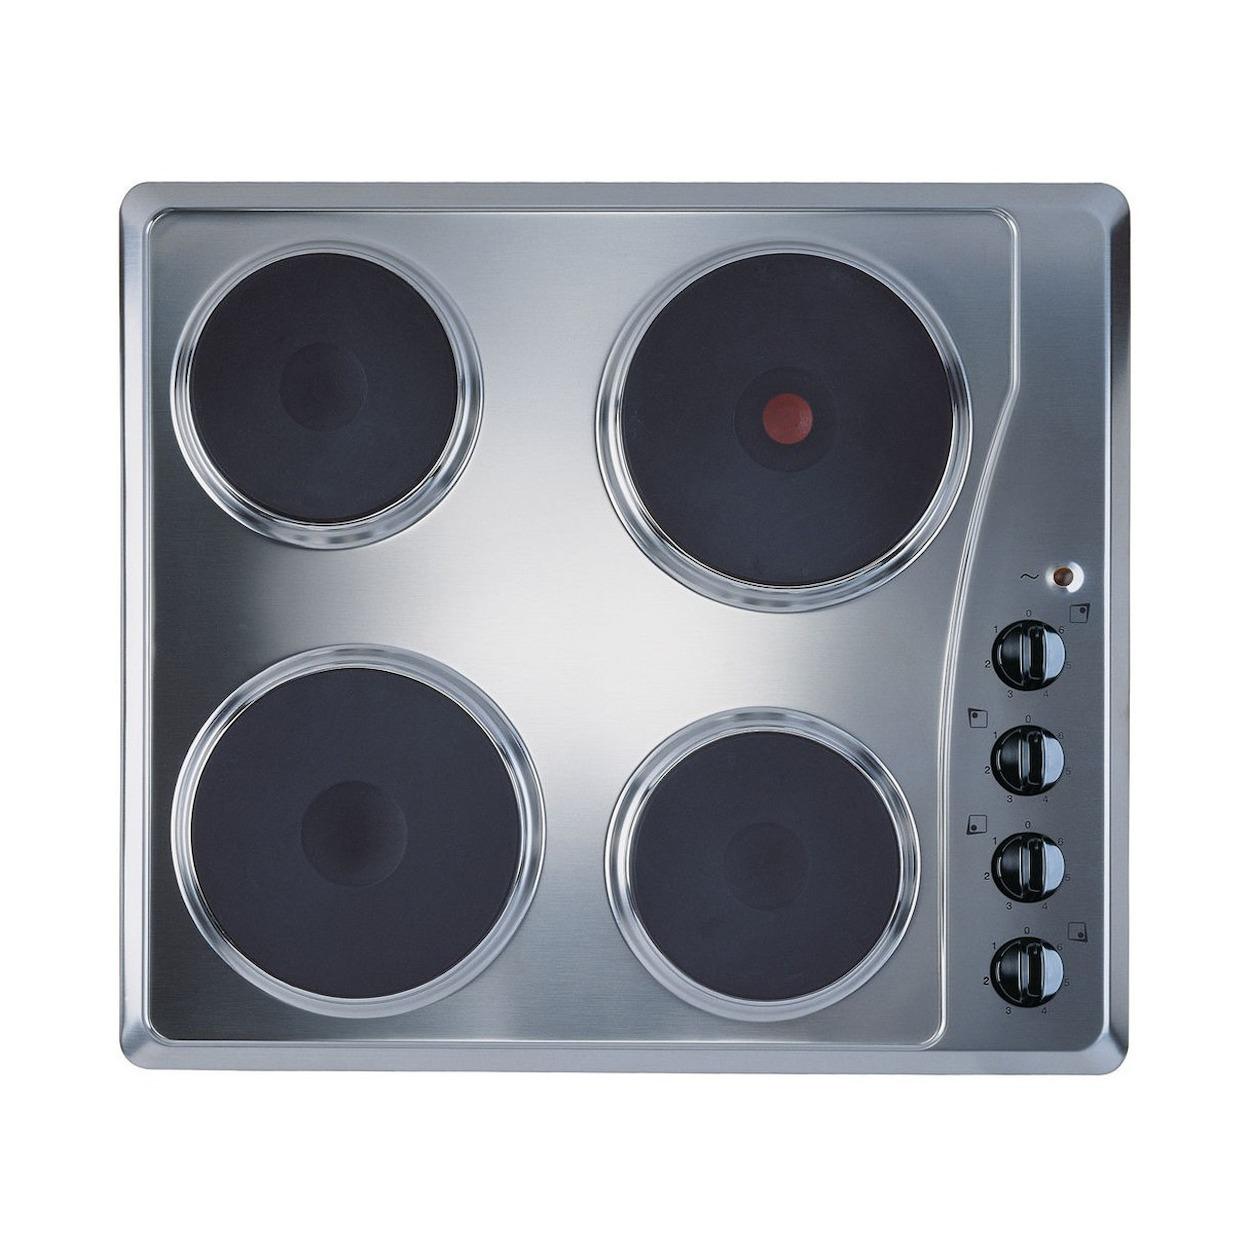 Indesit elektrische inbouwkookplaat TI 60 X - Prijsvergelijk